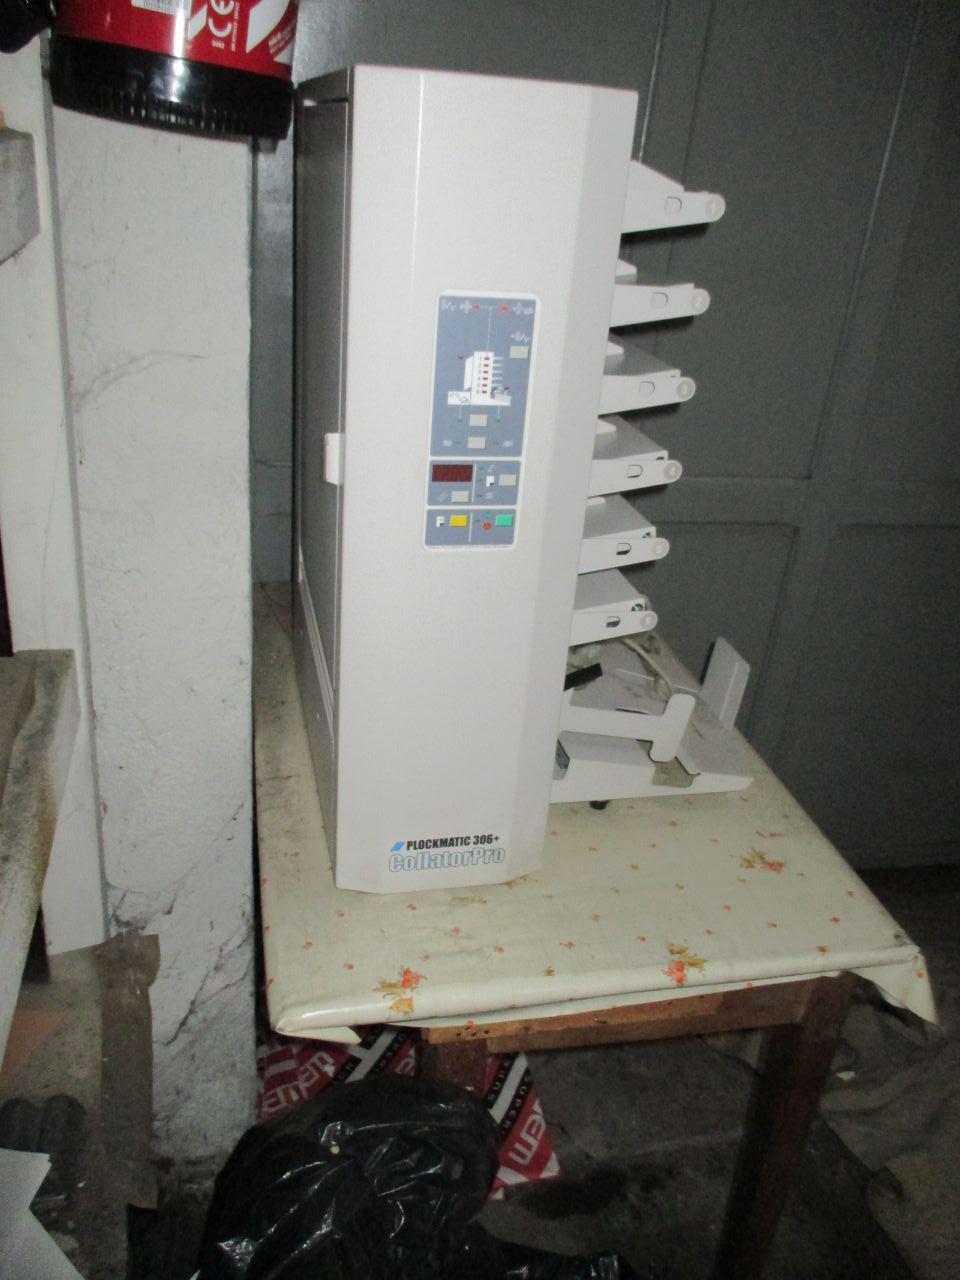 PLOCKMATIC 306, Year : 1995, ref.68856 | www.coci-sa.com/en | 68856n_3.jpg